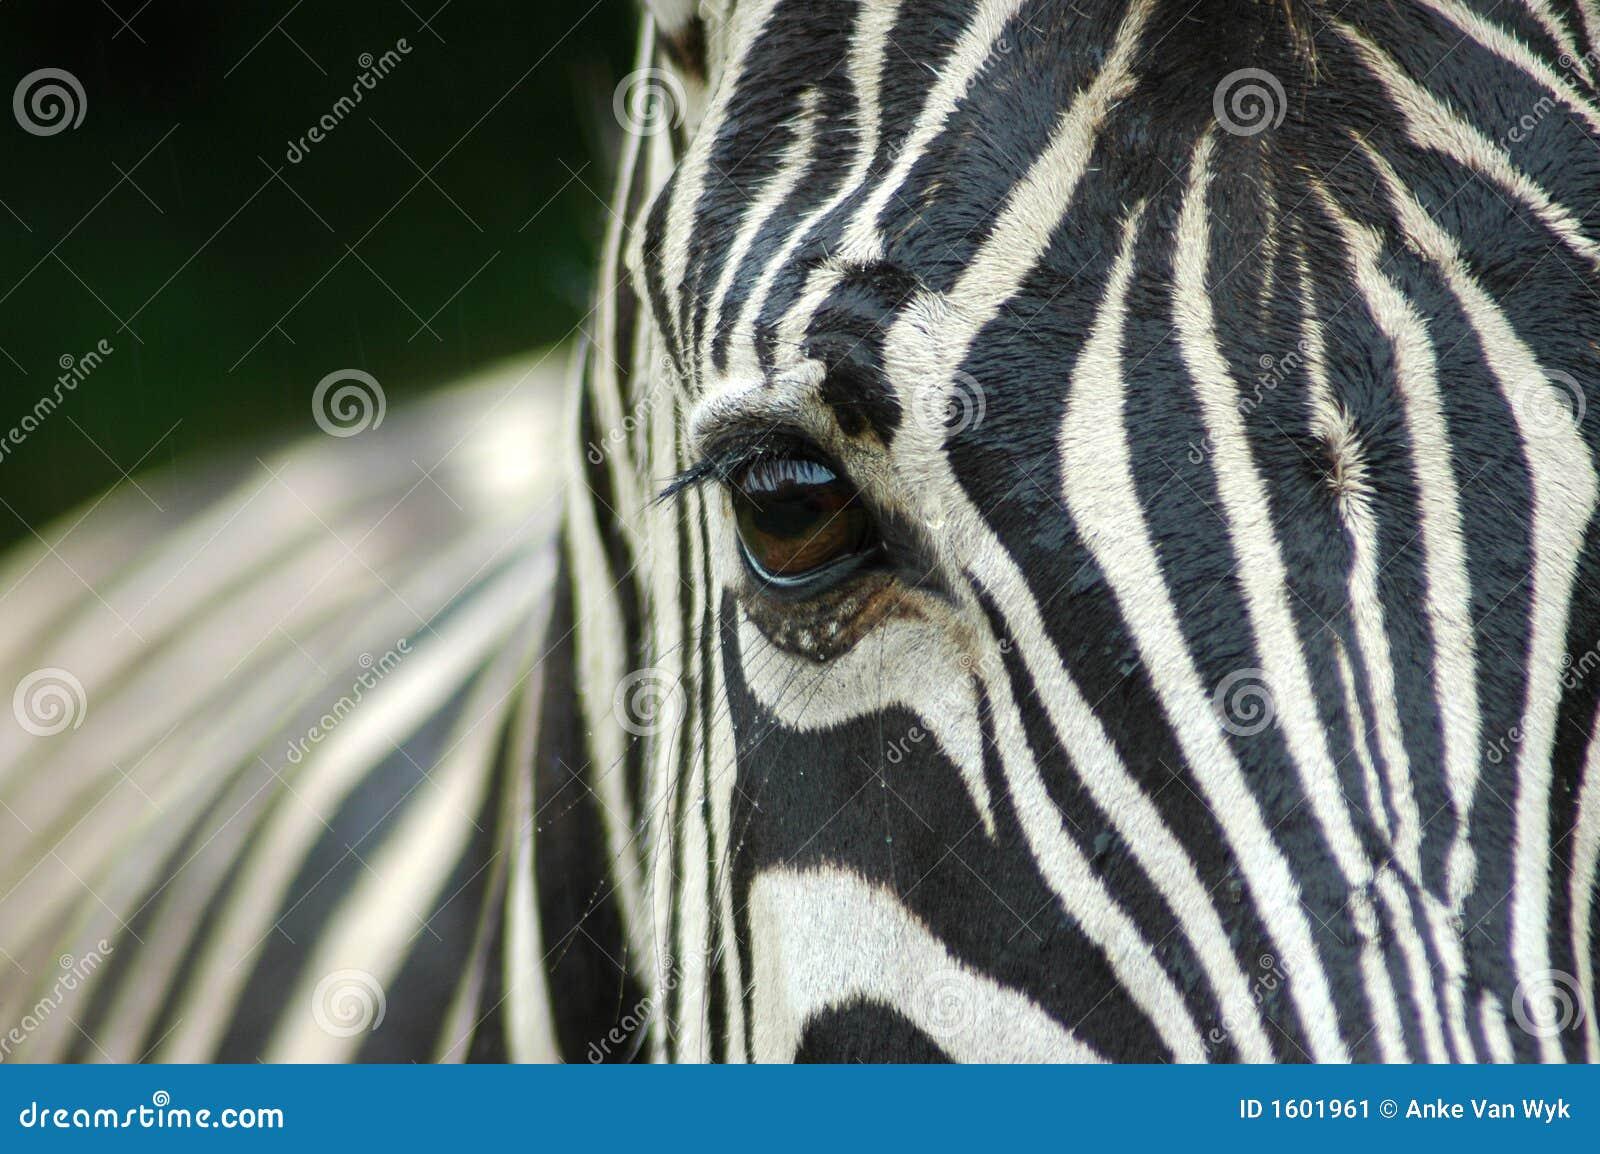 Closeup Zebra eye